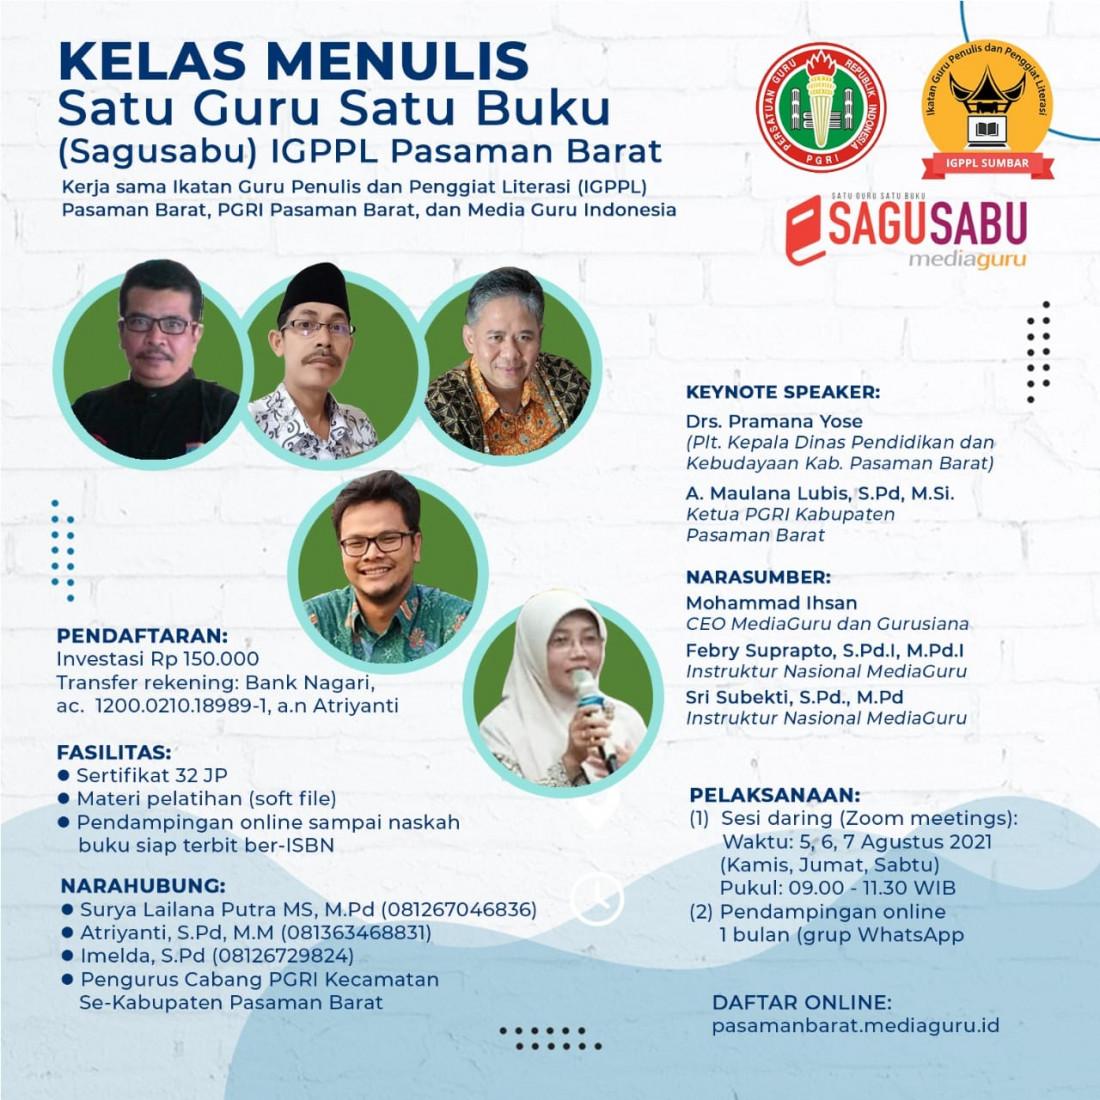 SAGUSABU IGPPL - PGRI PASAMAN BARAT (5-7 AGUSTUS 2021)